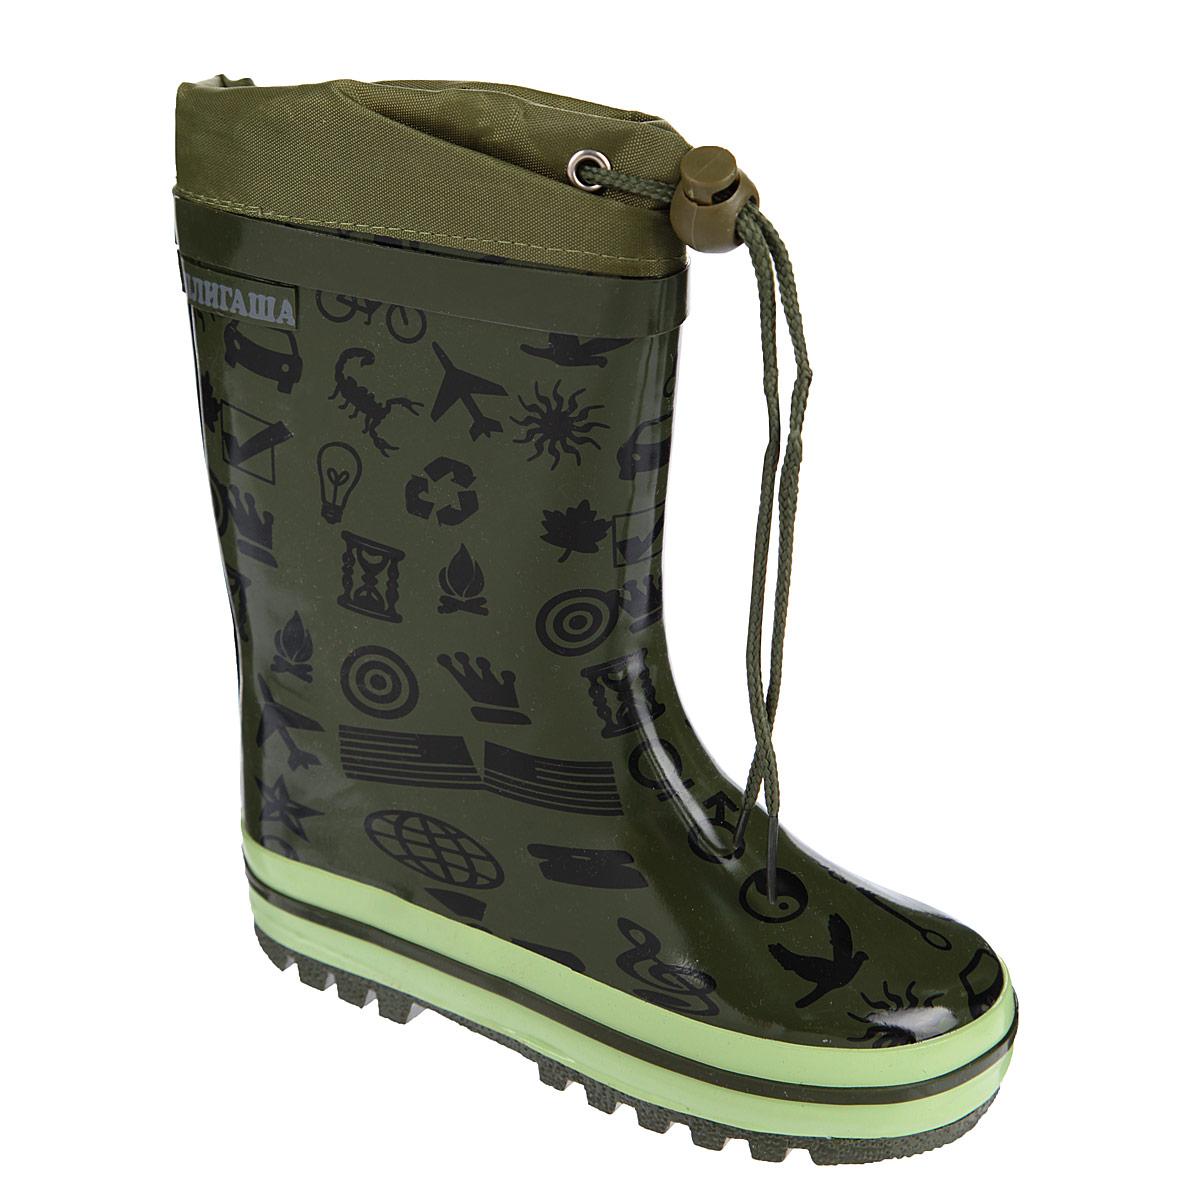 13-307Резиновые сапожки идеальная - обувь в дождливую погоду. Сапоги выполнены из качественной резины, модель декорирована принтом с логотипом бренда. Подкладка, выполненная из текстиля, подарит ощущение комфорта вашему малышу. Главным преимуществом резиновых сапожек является наличие съемного текстильного носочка, что позволяет носить сапожки не только дождливым летом, но и сырой прохладной осенью. Текстильный верх голенища регулируется в объеме за счет шнурка с бегунком. Резиновые сапожки прекрасно защитят ножки вашего ребенка от промокания в дождливый день.